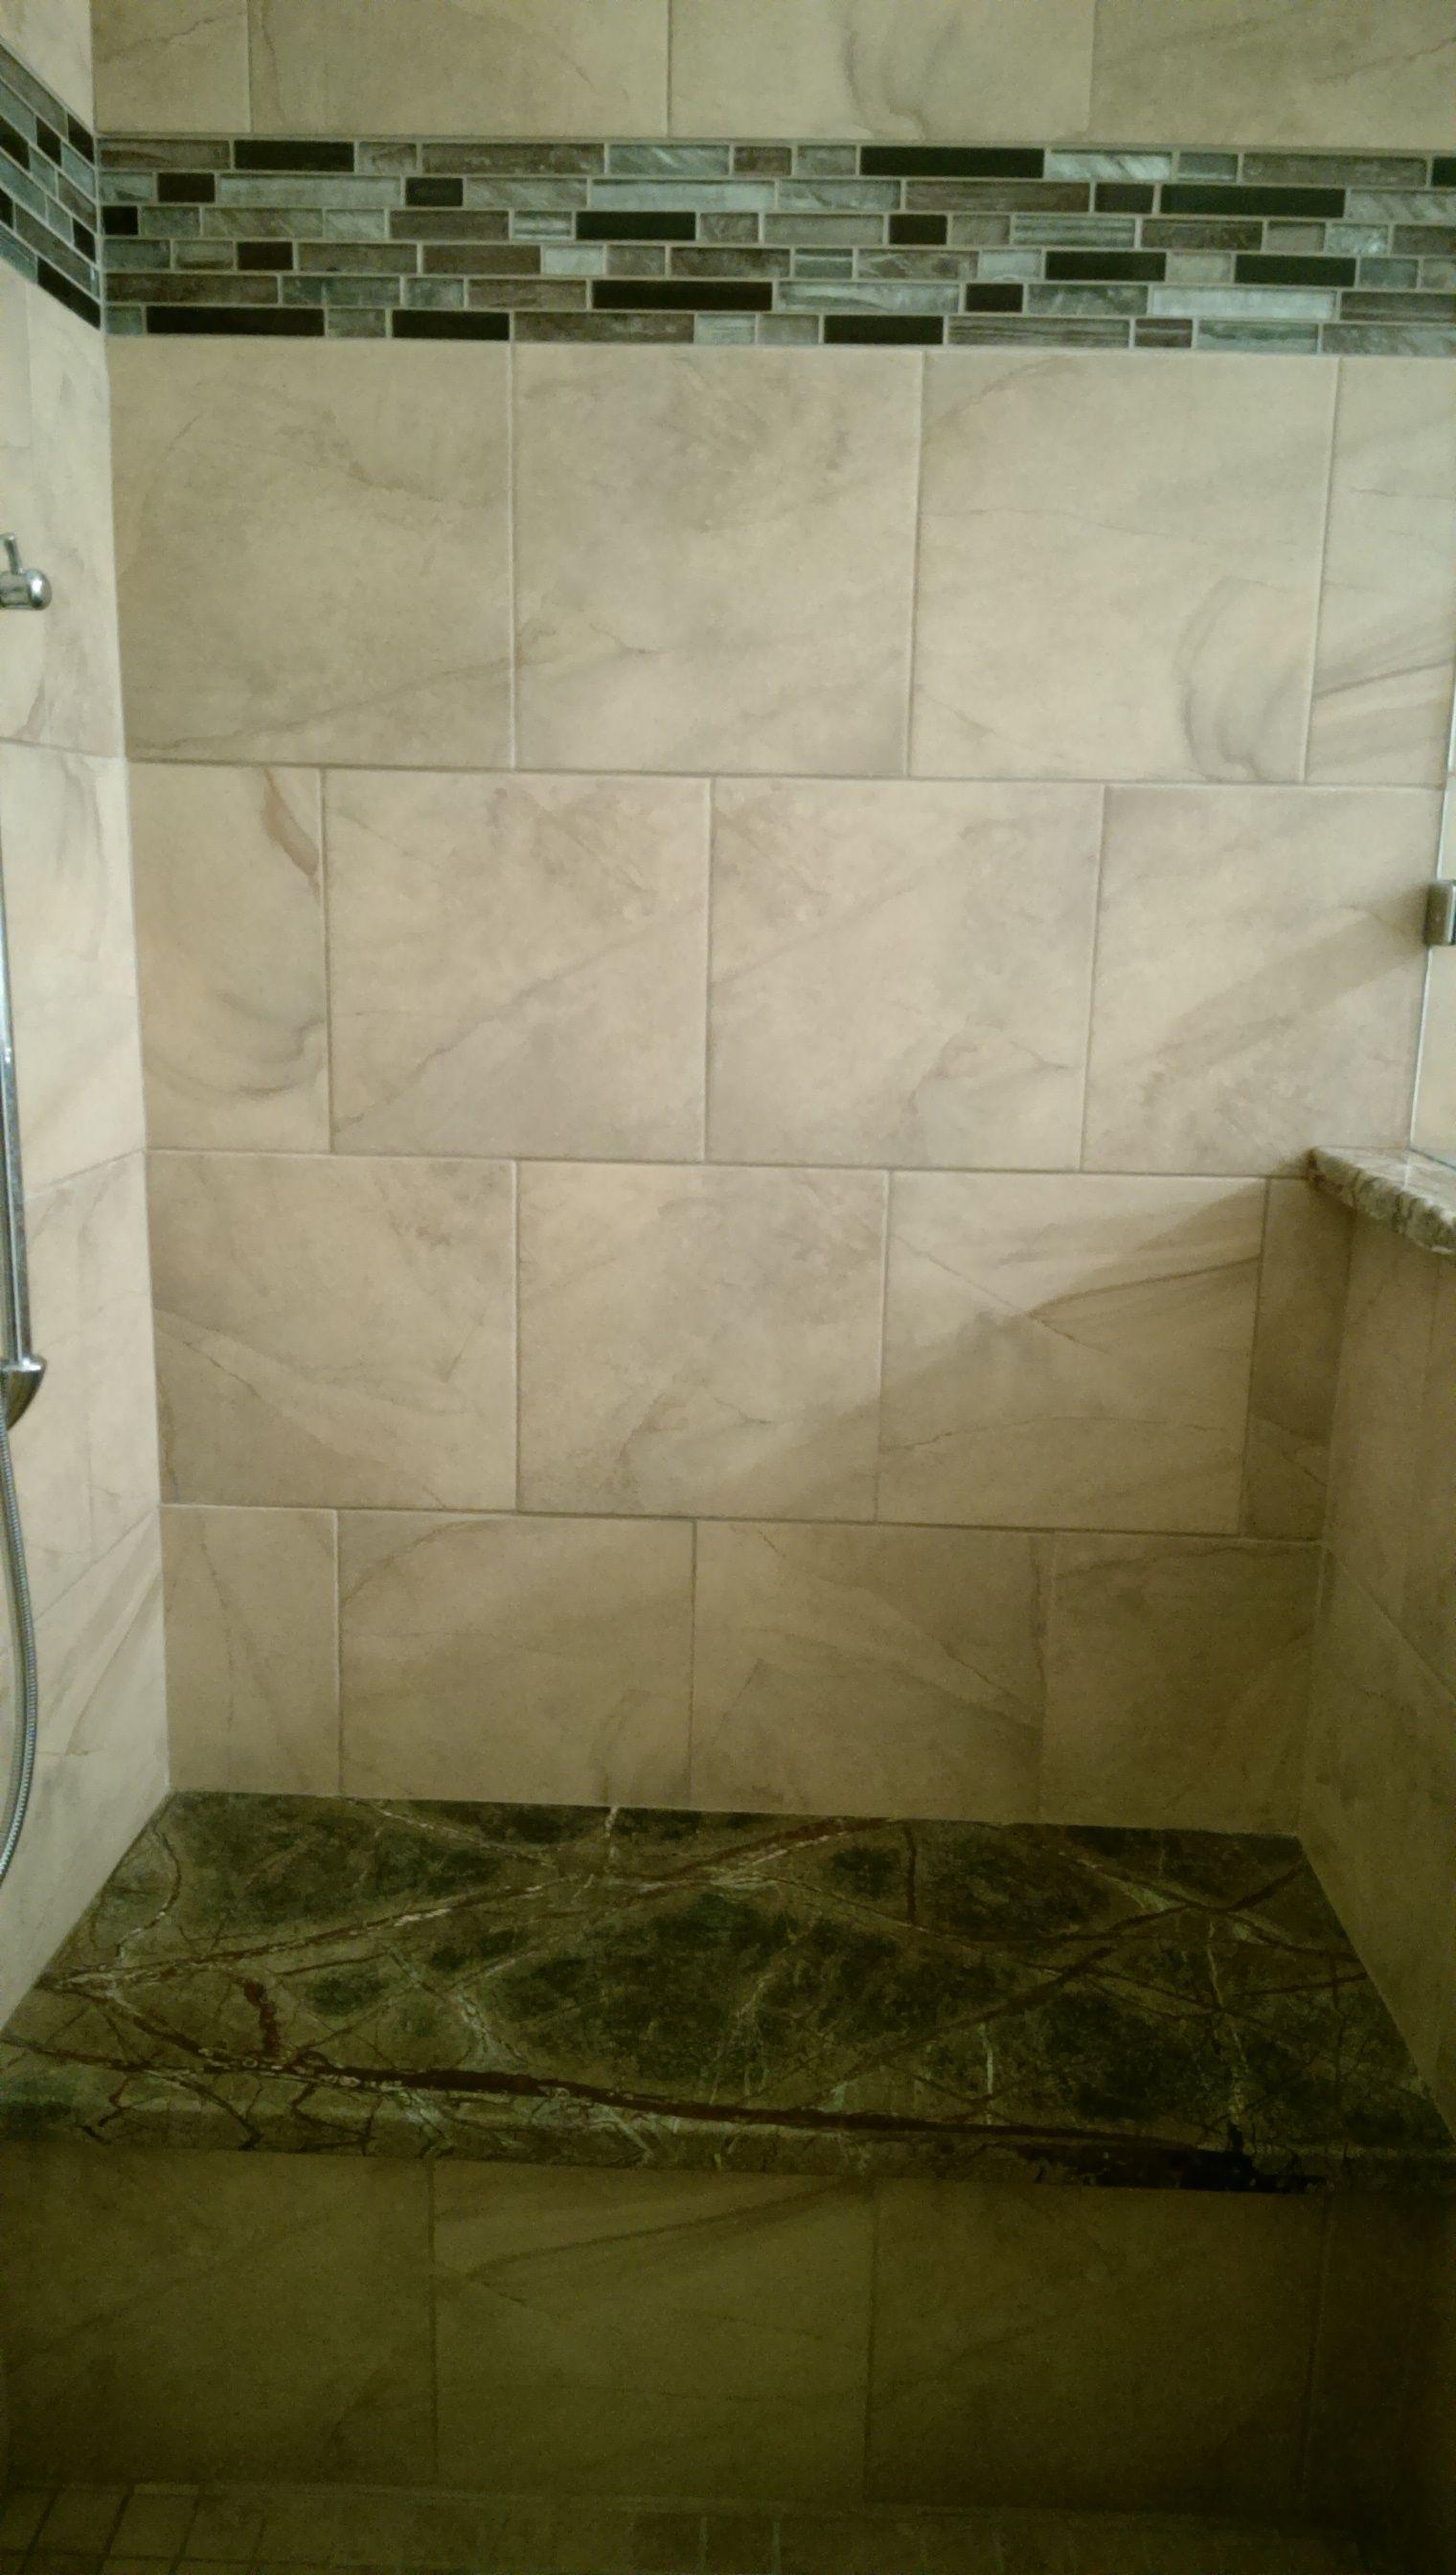 new shower seat | Bathroom update | Pinterest | Shower seat